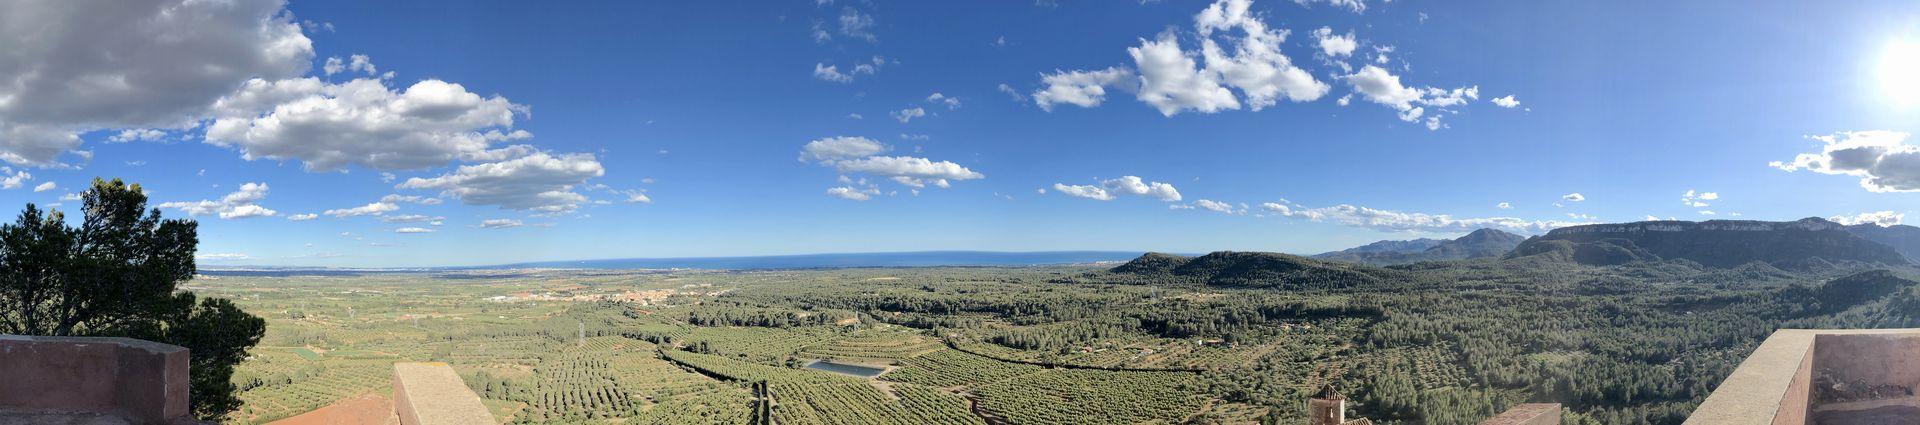 Der überwältigende Rundumblick vermittelt ein Gefühl für die Landschaft, die Miró so sehr liebte.